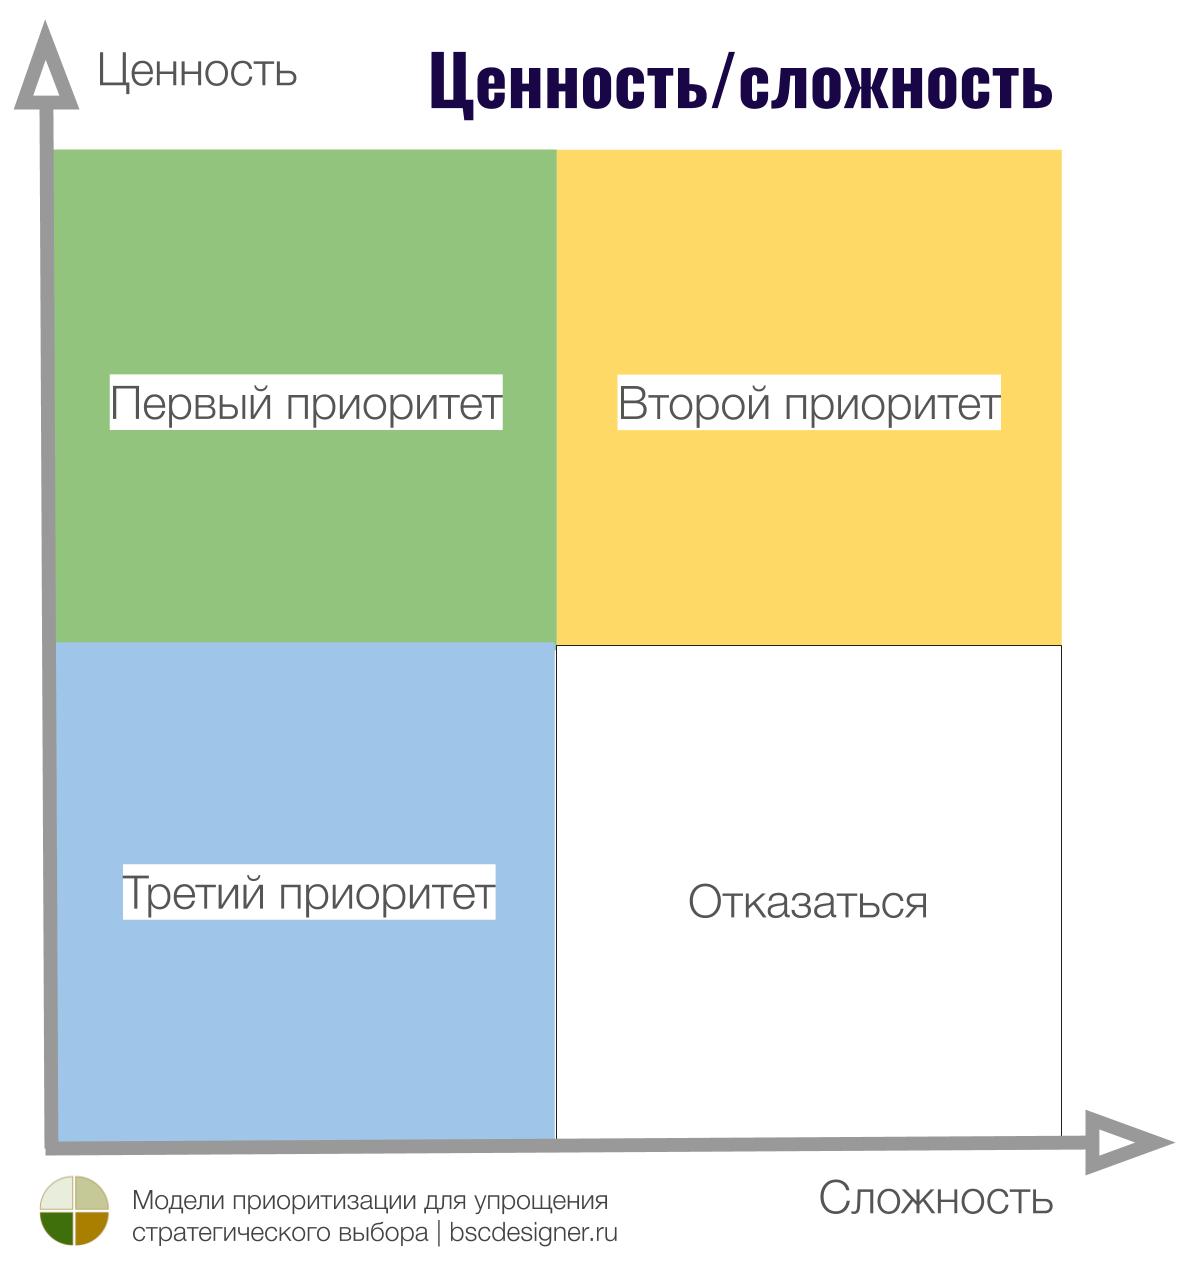 Матрица Ценность/сложность